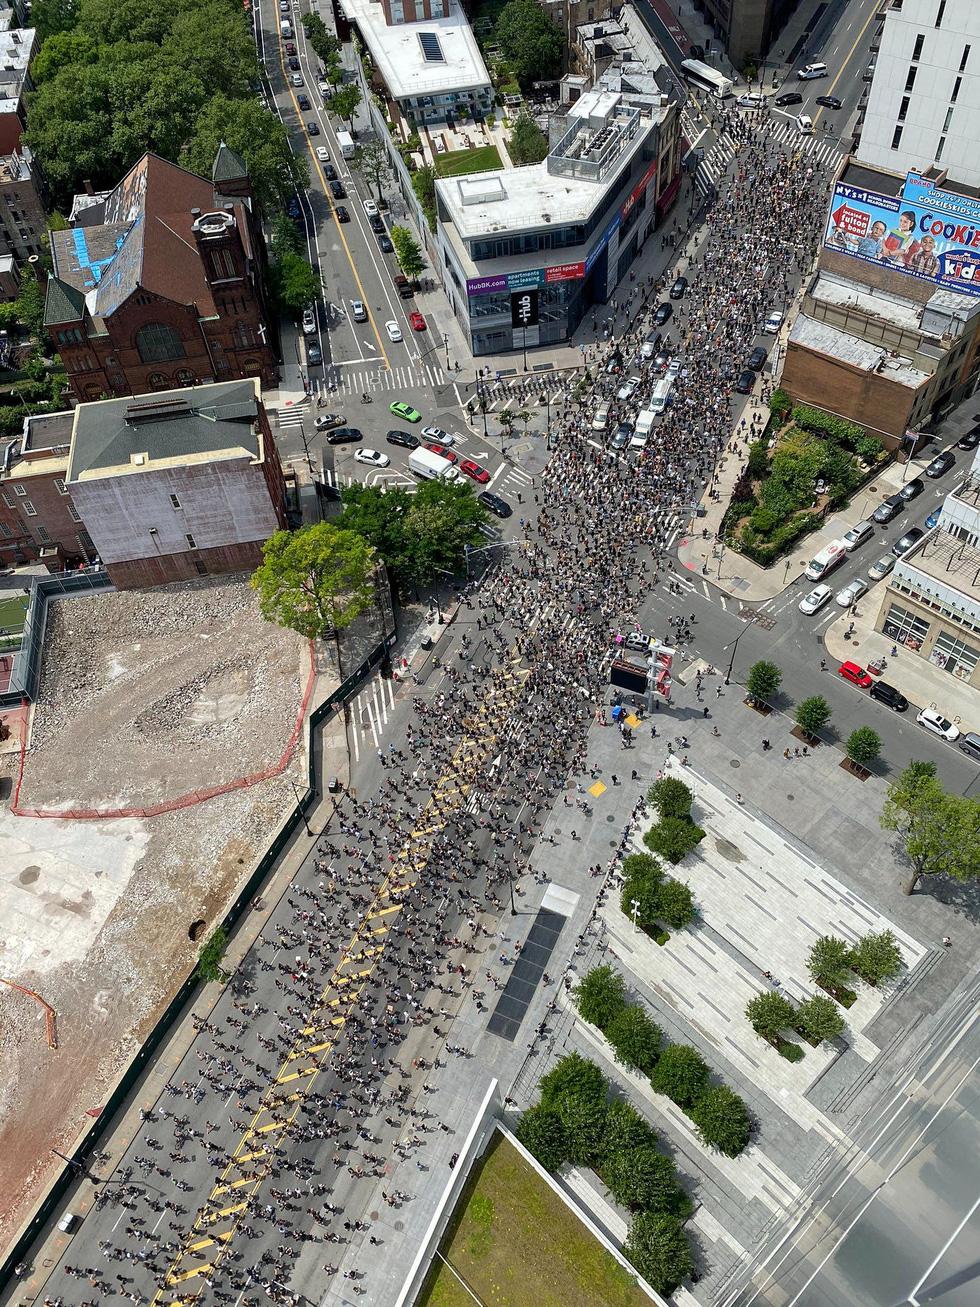 Bất chấp nguy cơ dịch lây lan, biểu tình vẫn lan rộng ở Mỹ và nhiều nước - Ảnh 4.